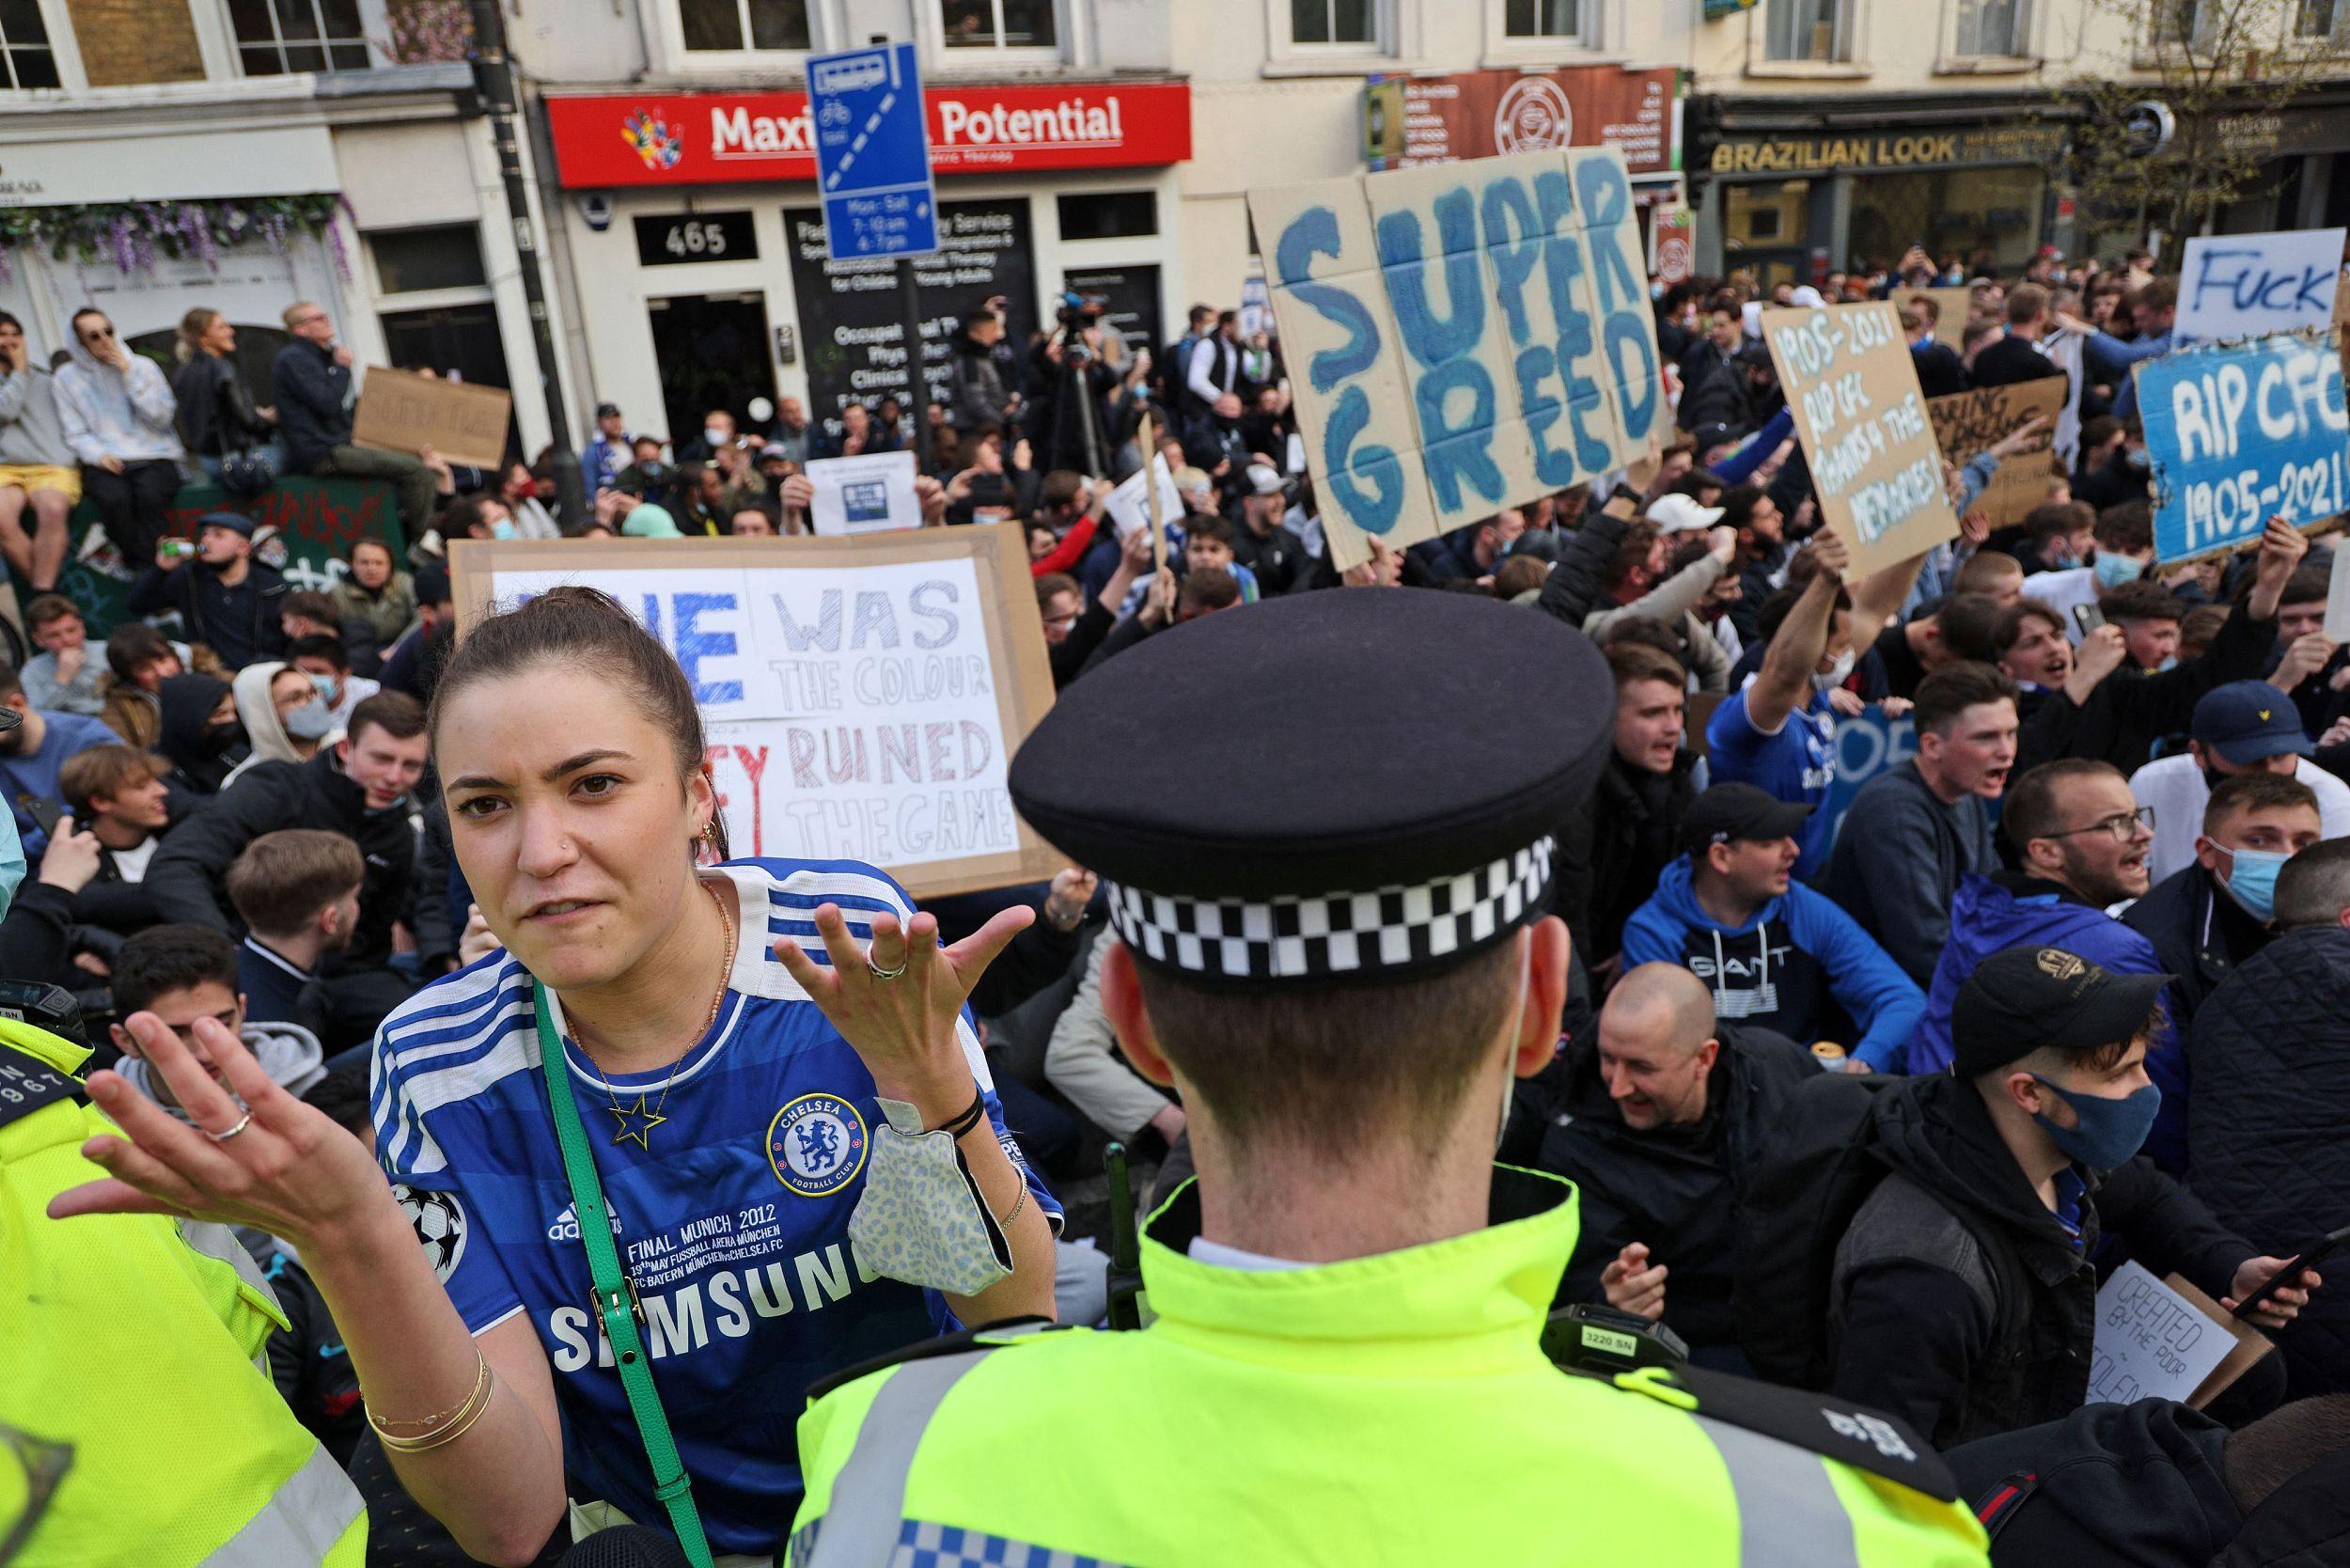 切尔西球迷抗议俱乐部的贪婪举动。